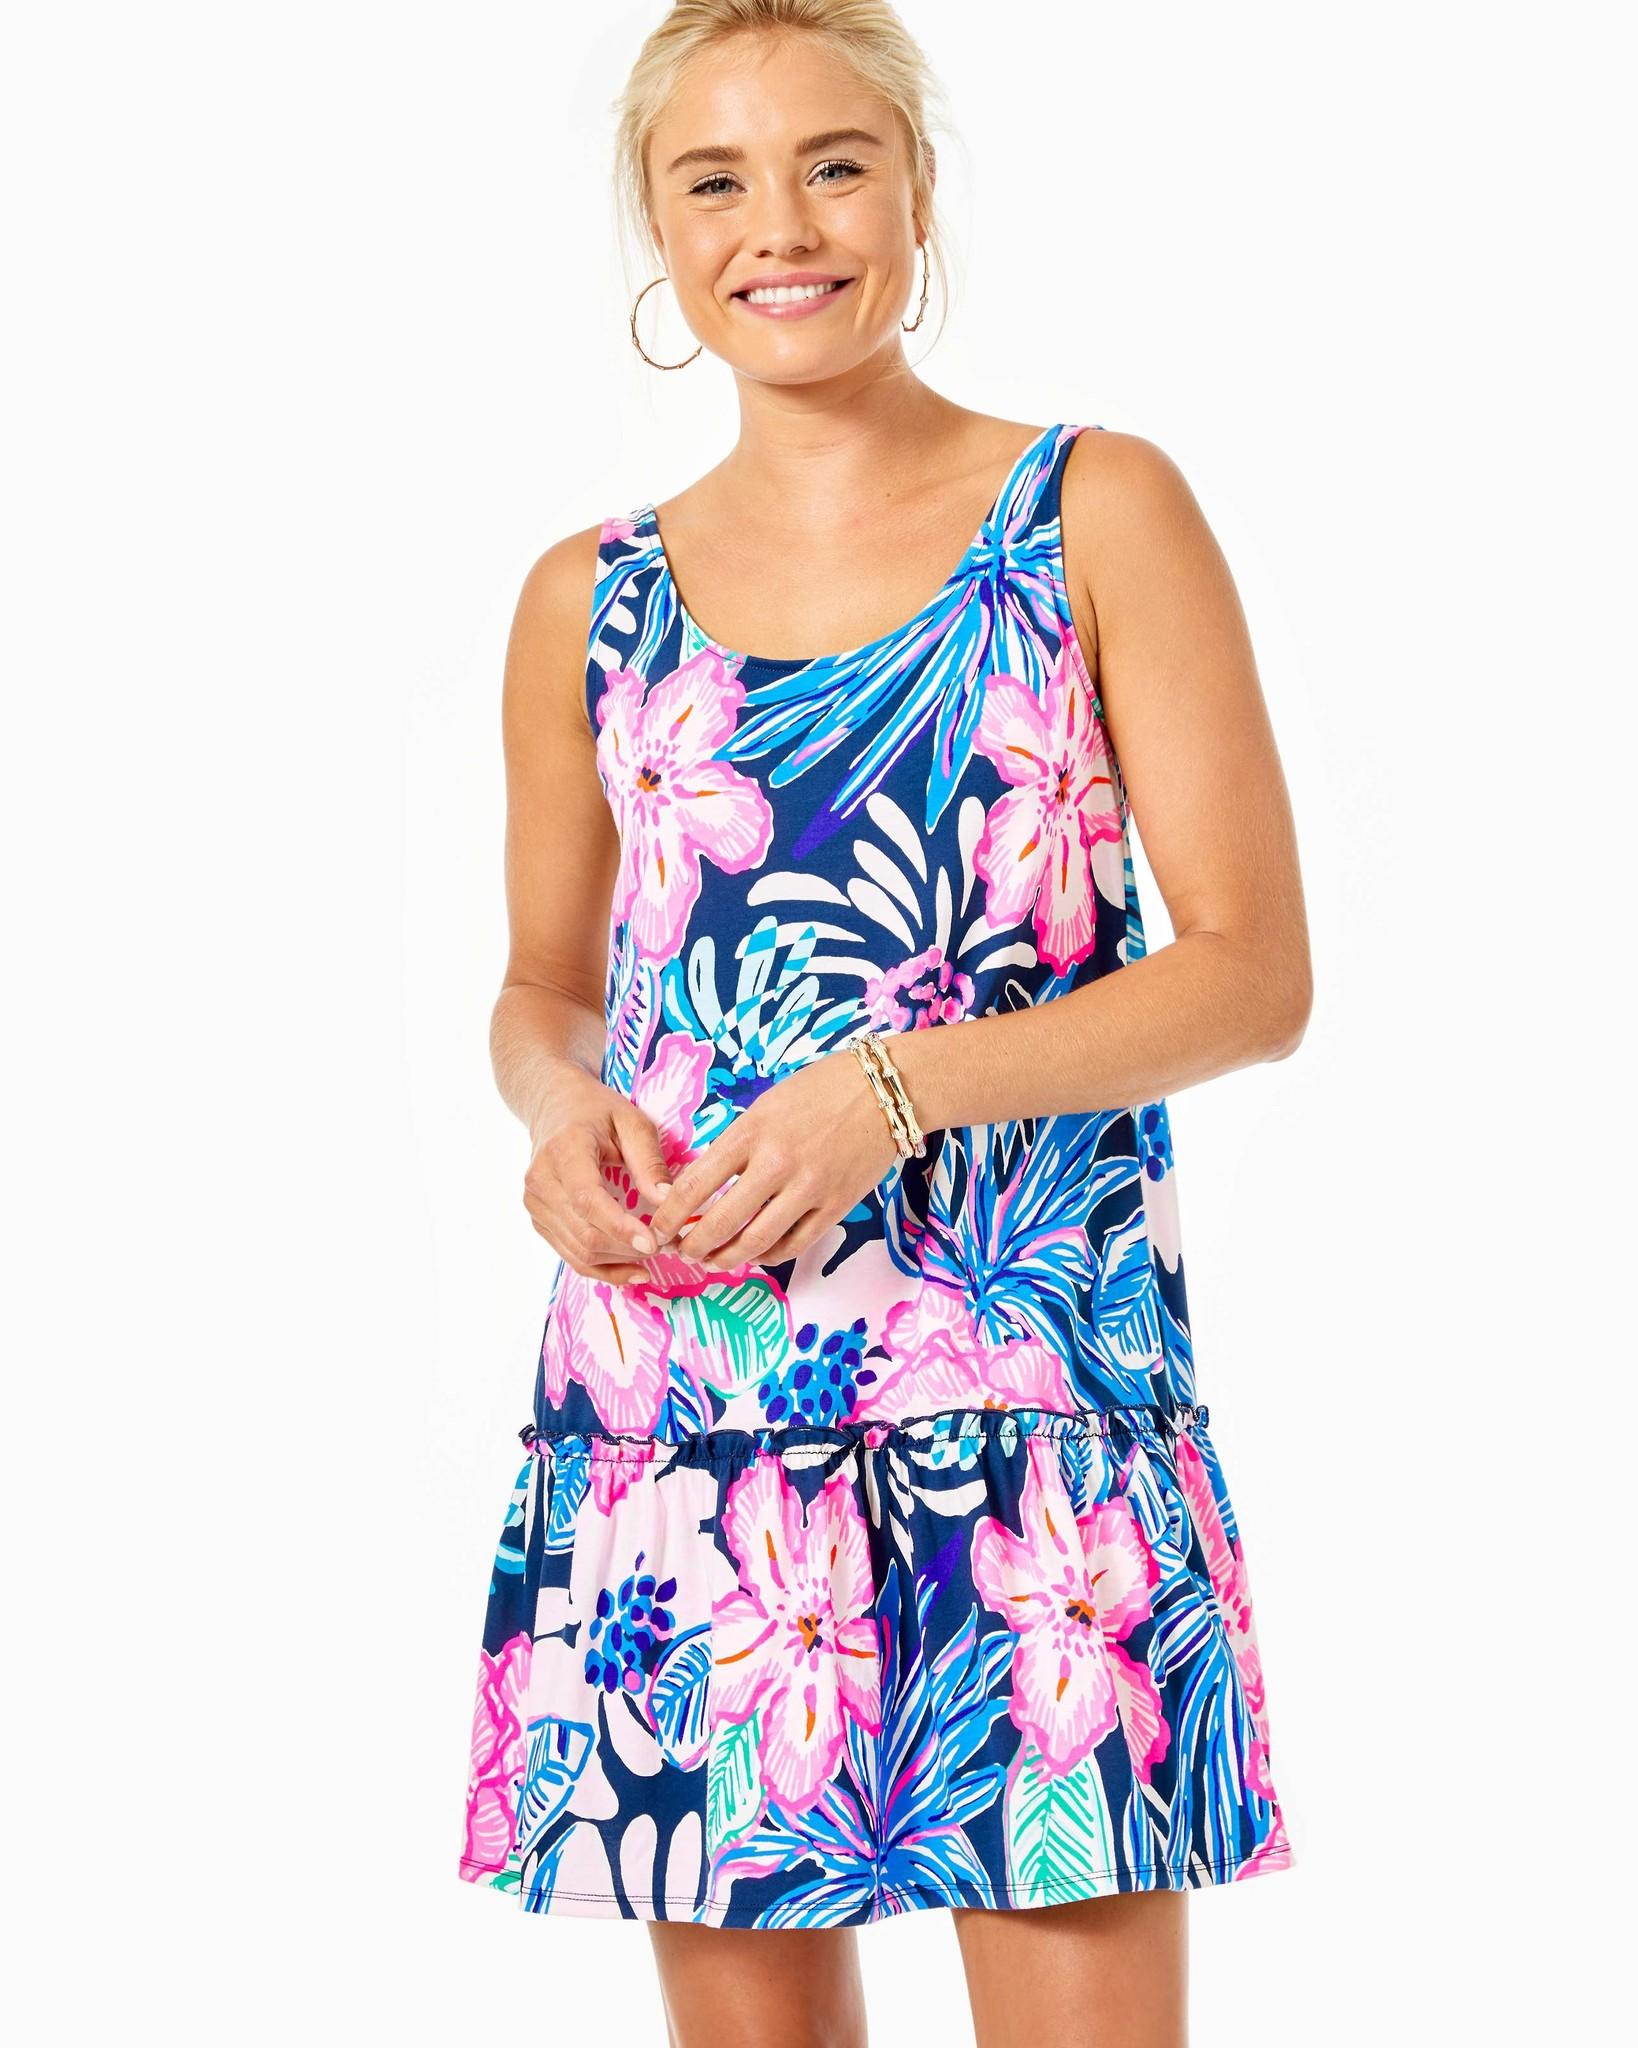 F20 005968 SKYELAR DRESS